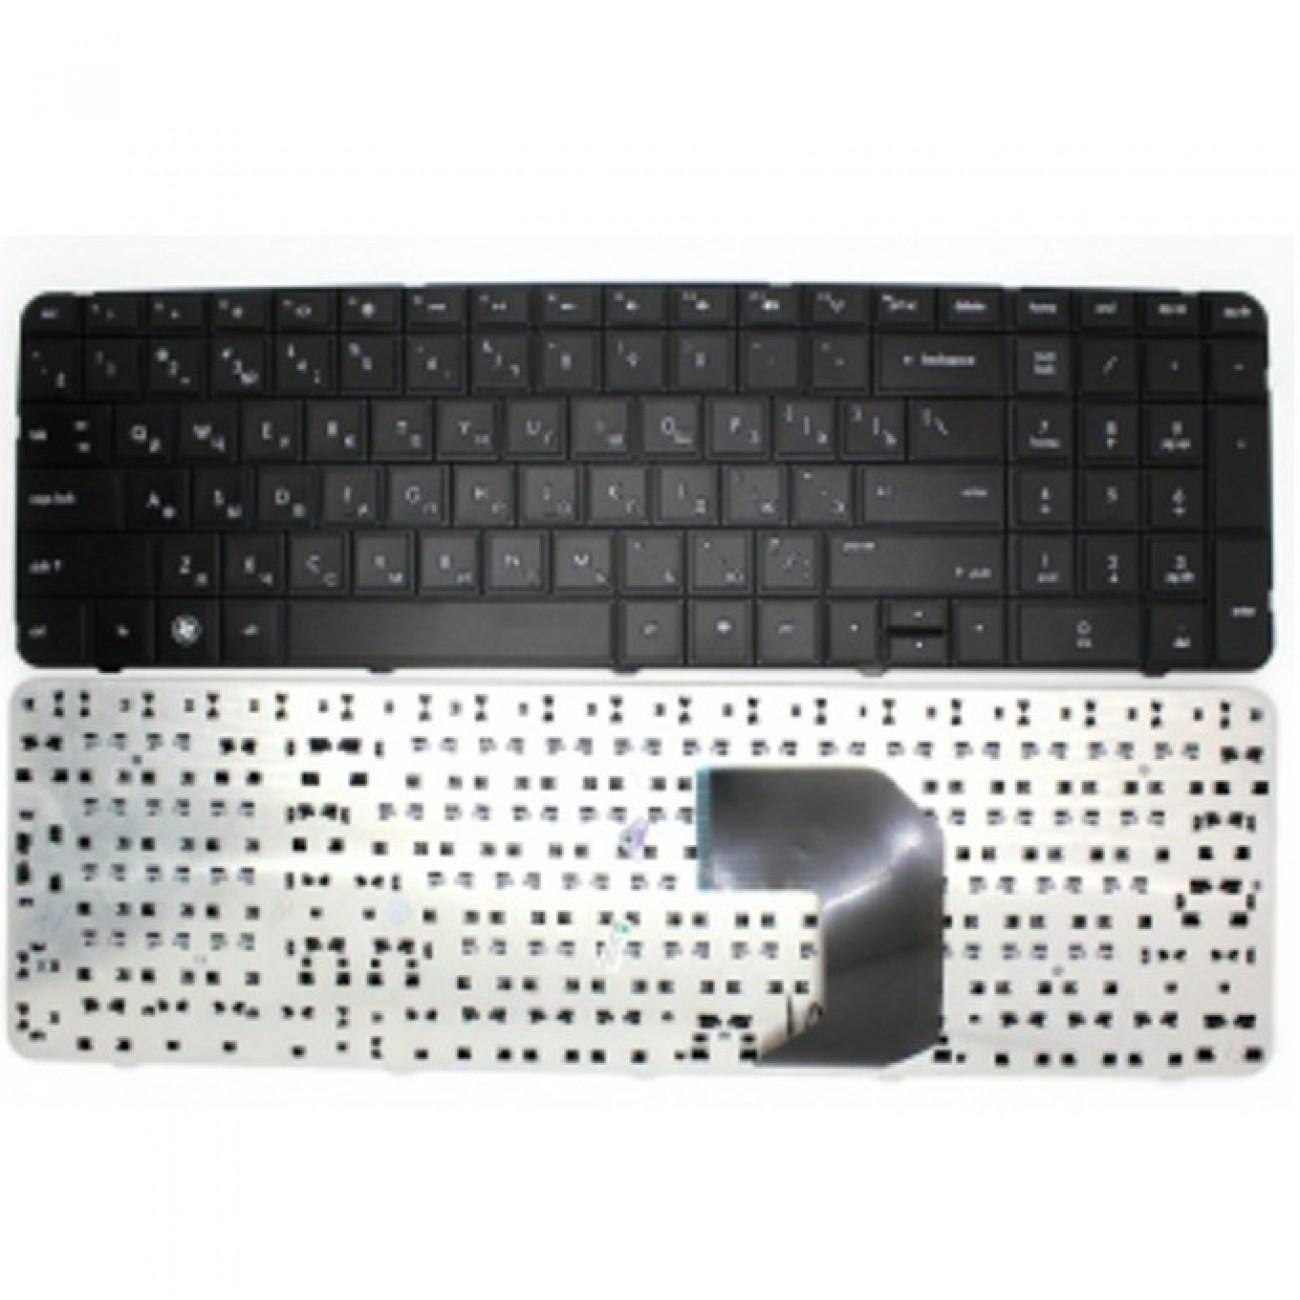 Клавиатура за HP Pavilion G7 G7-1000 G7-1100 G7-1200, кирилица, черна в Резервни части -  | Alleop